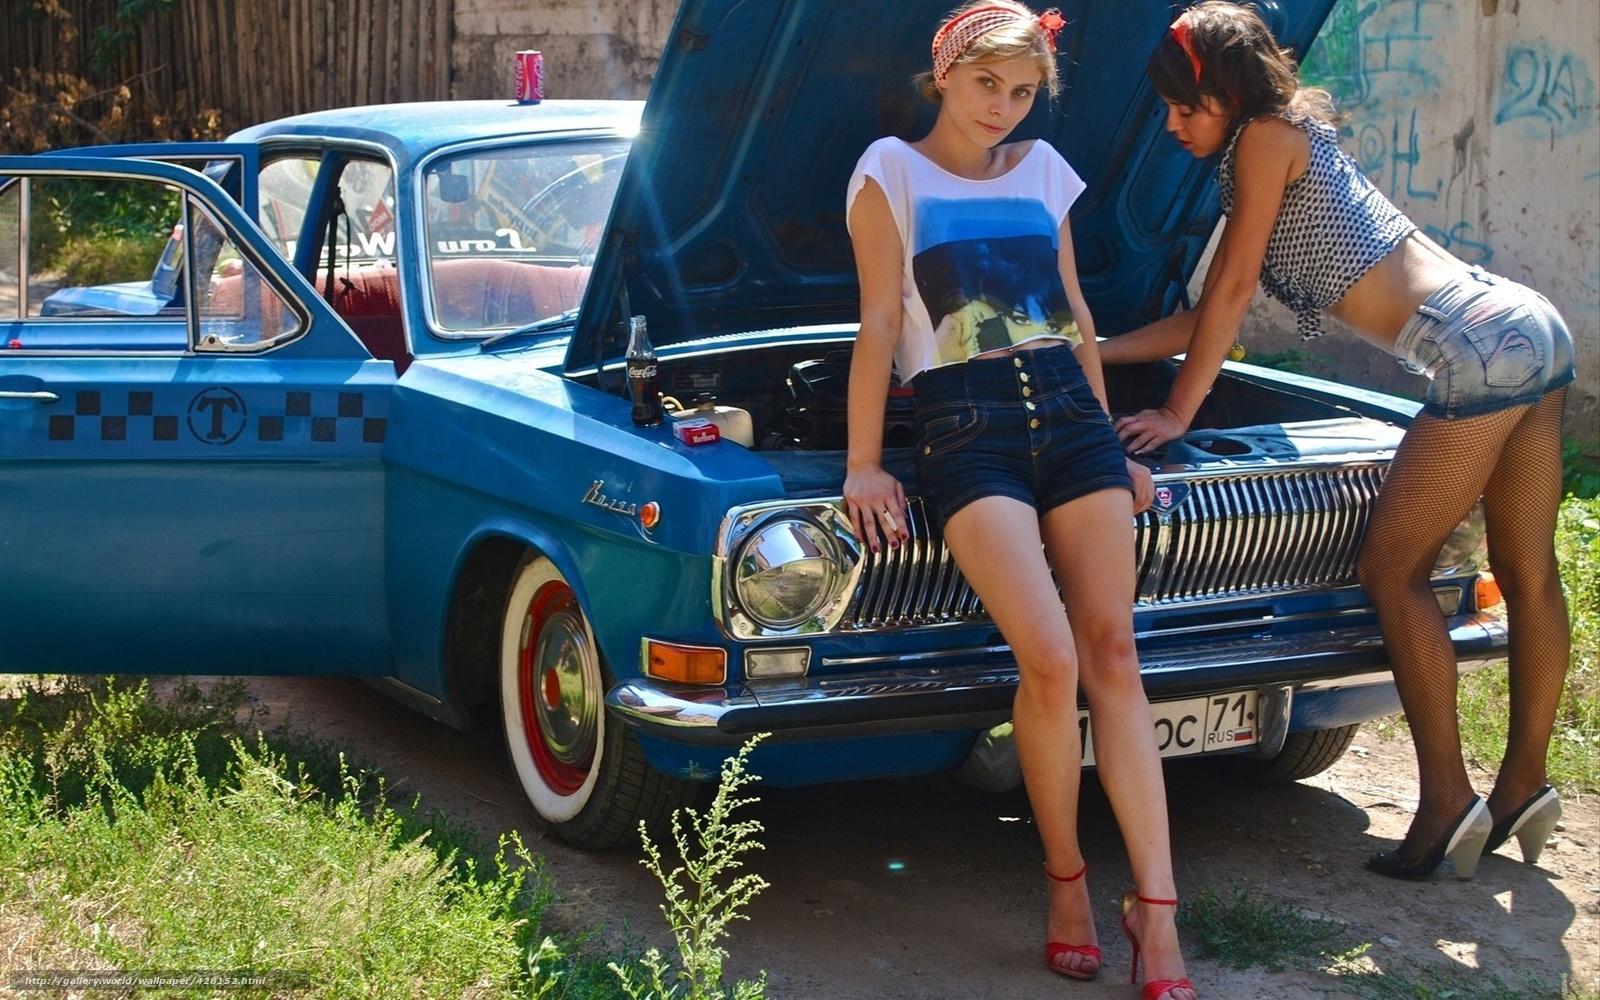 Фото девушек в машине 21 15 фотография